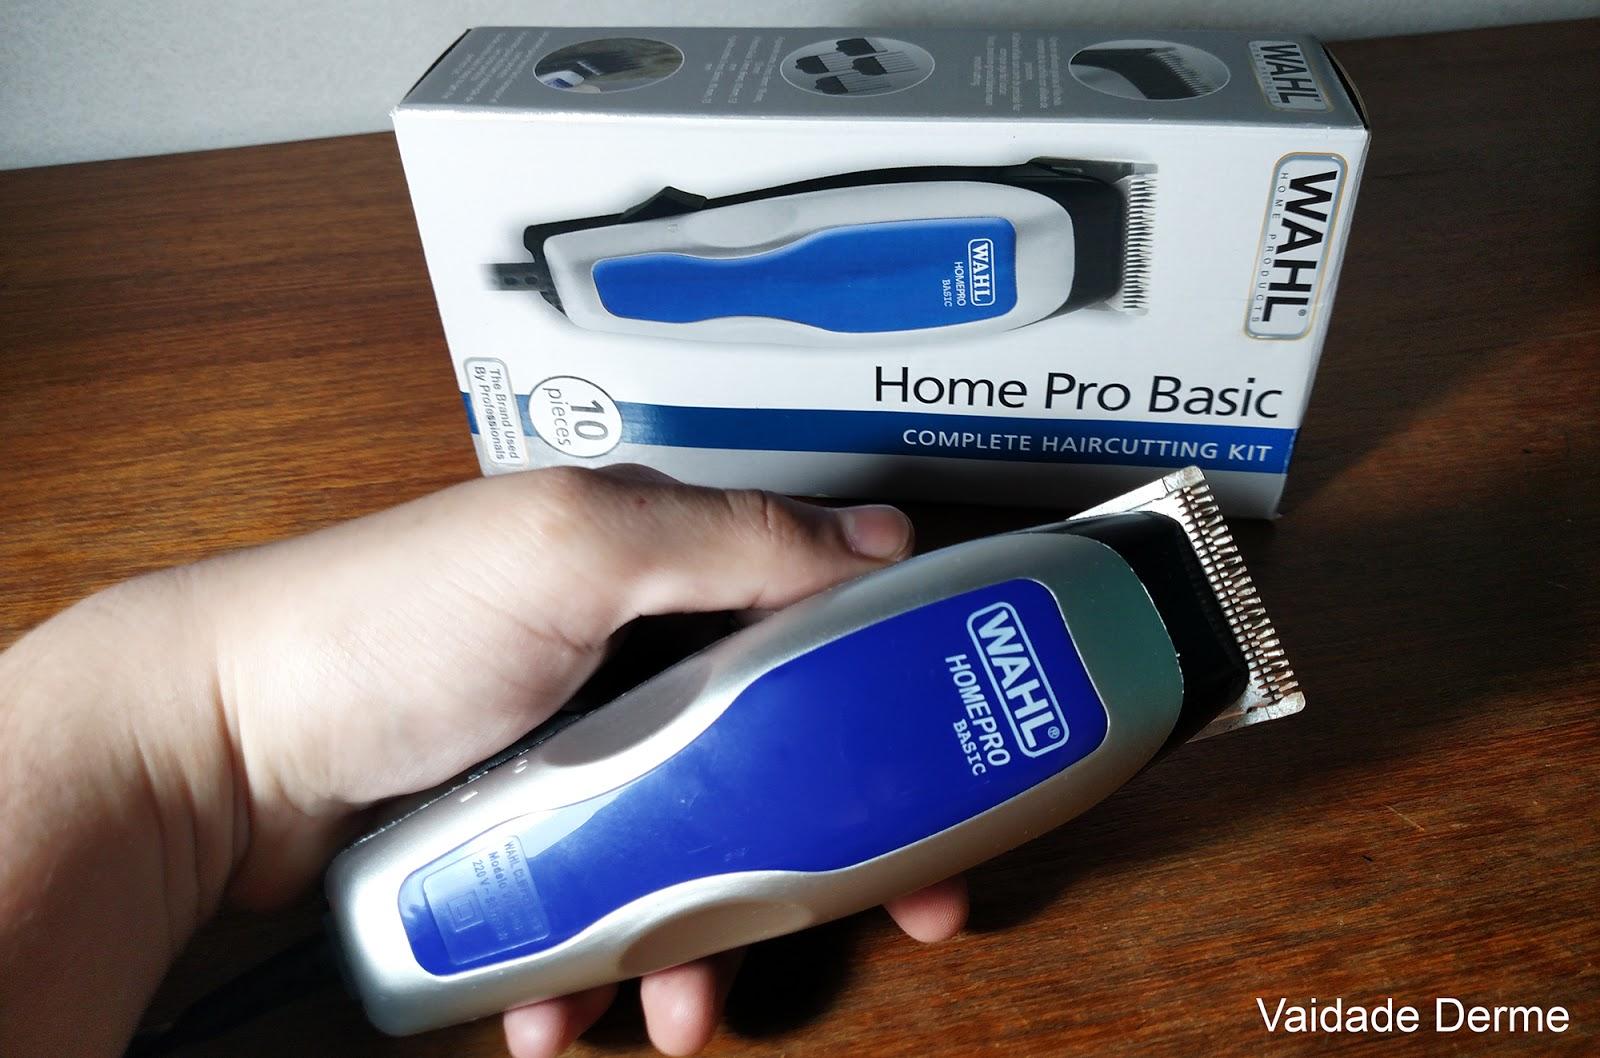 Máquina de Cortar Cabelo Home Pro Basic Wahl Clipper